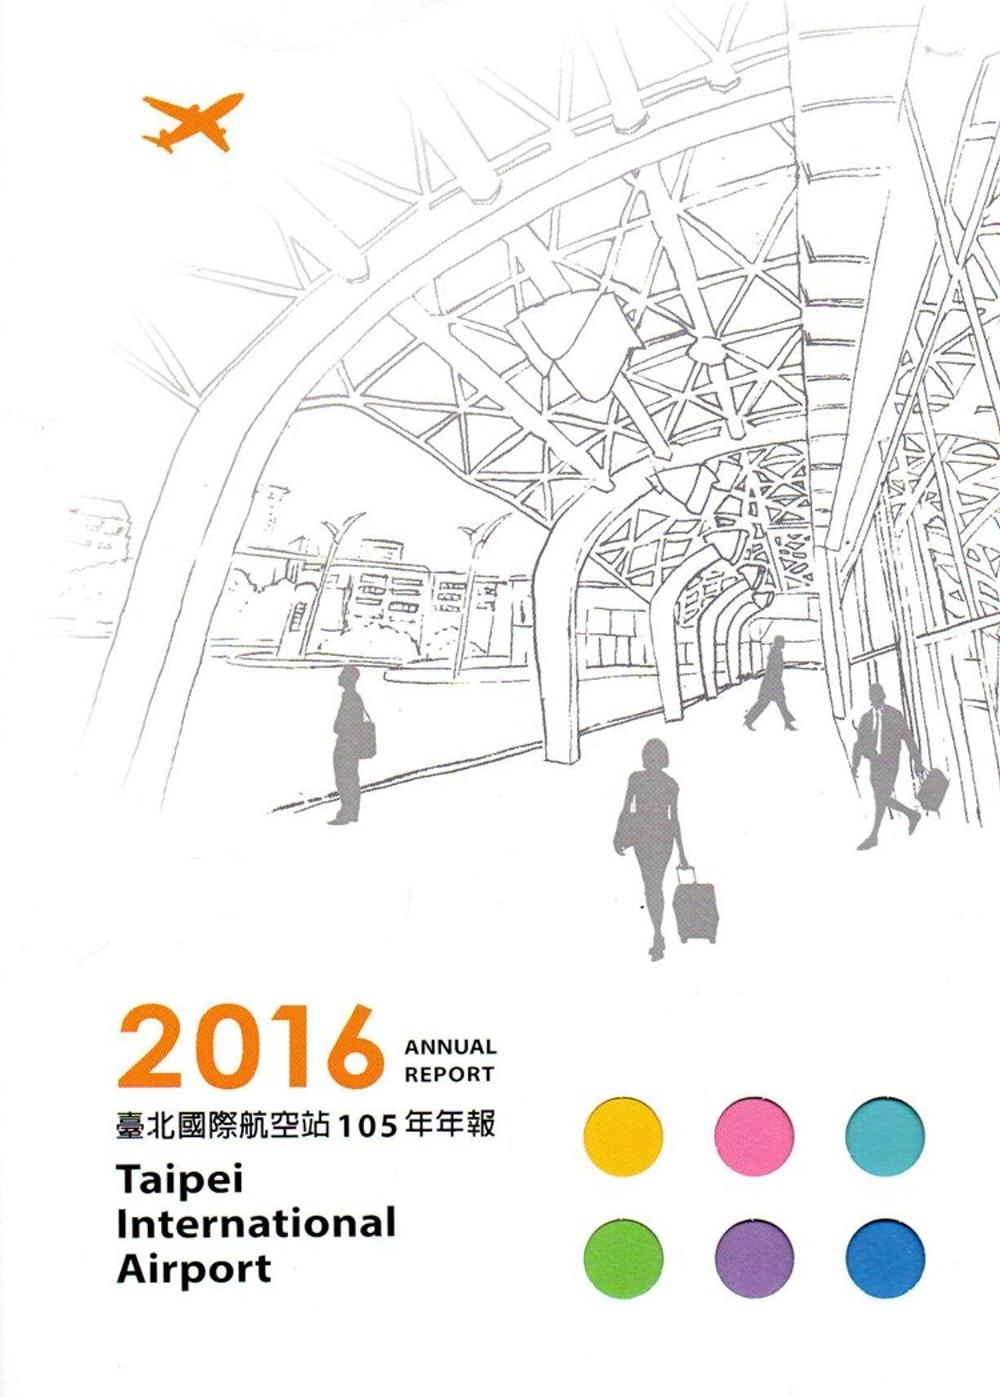 臺北國際航空站105年年報